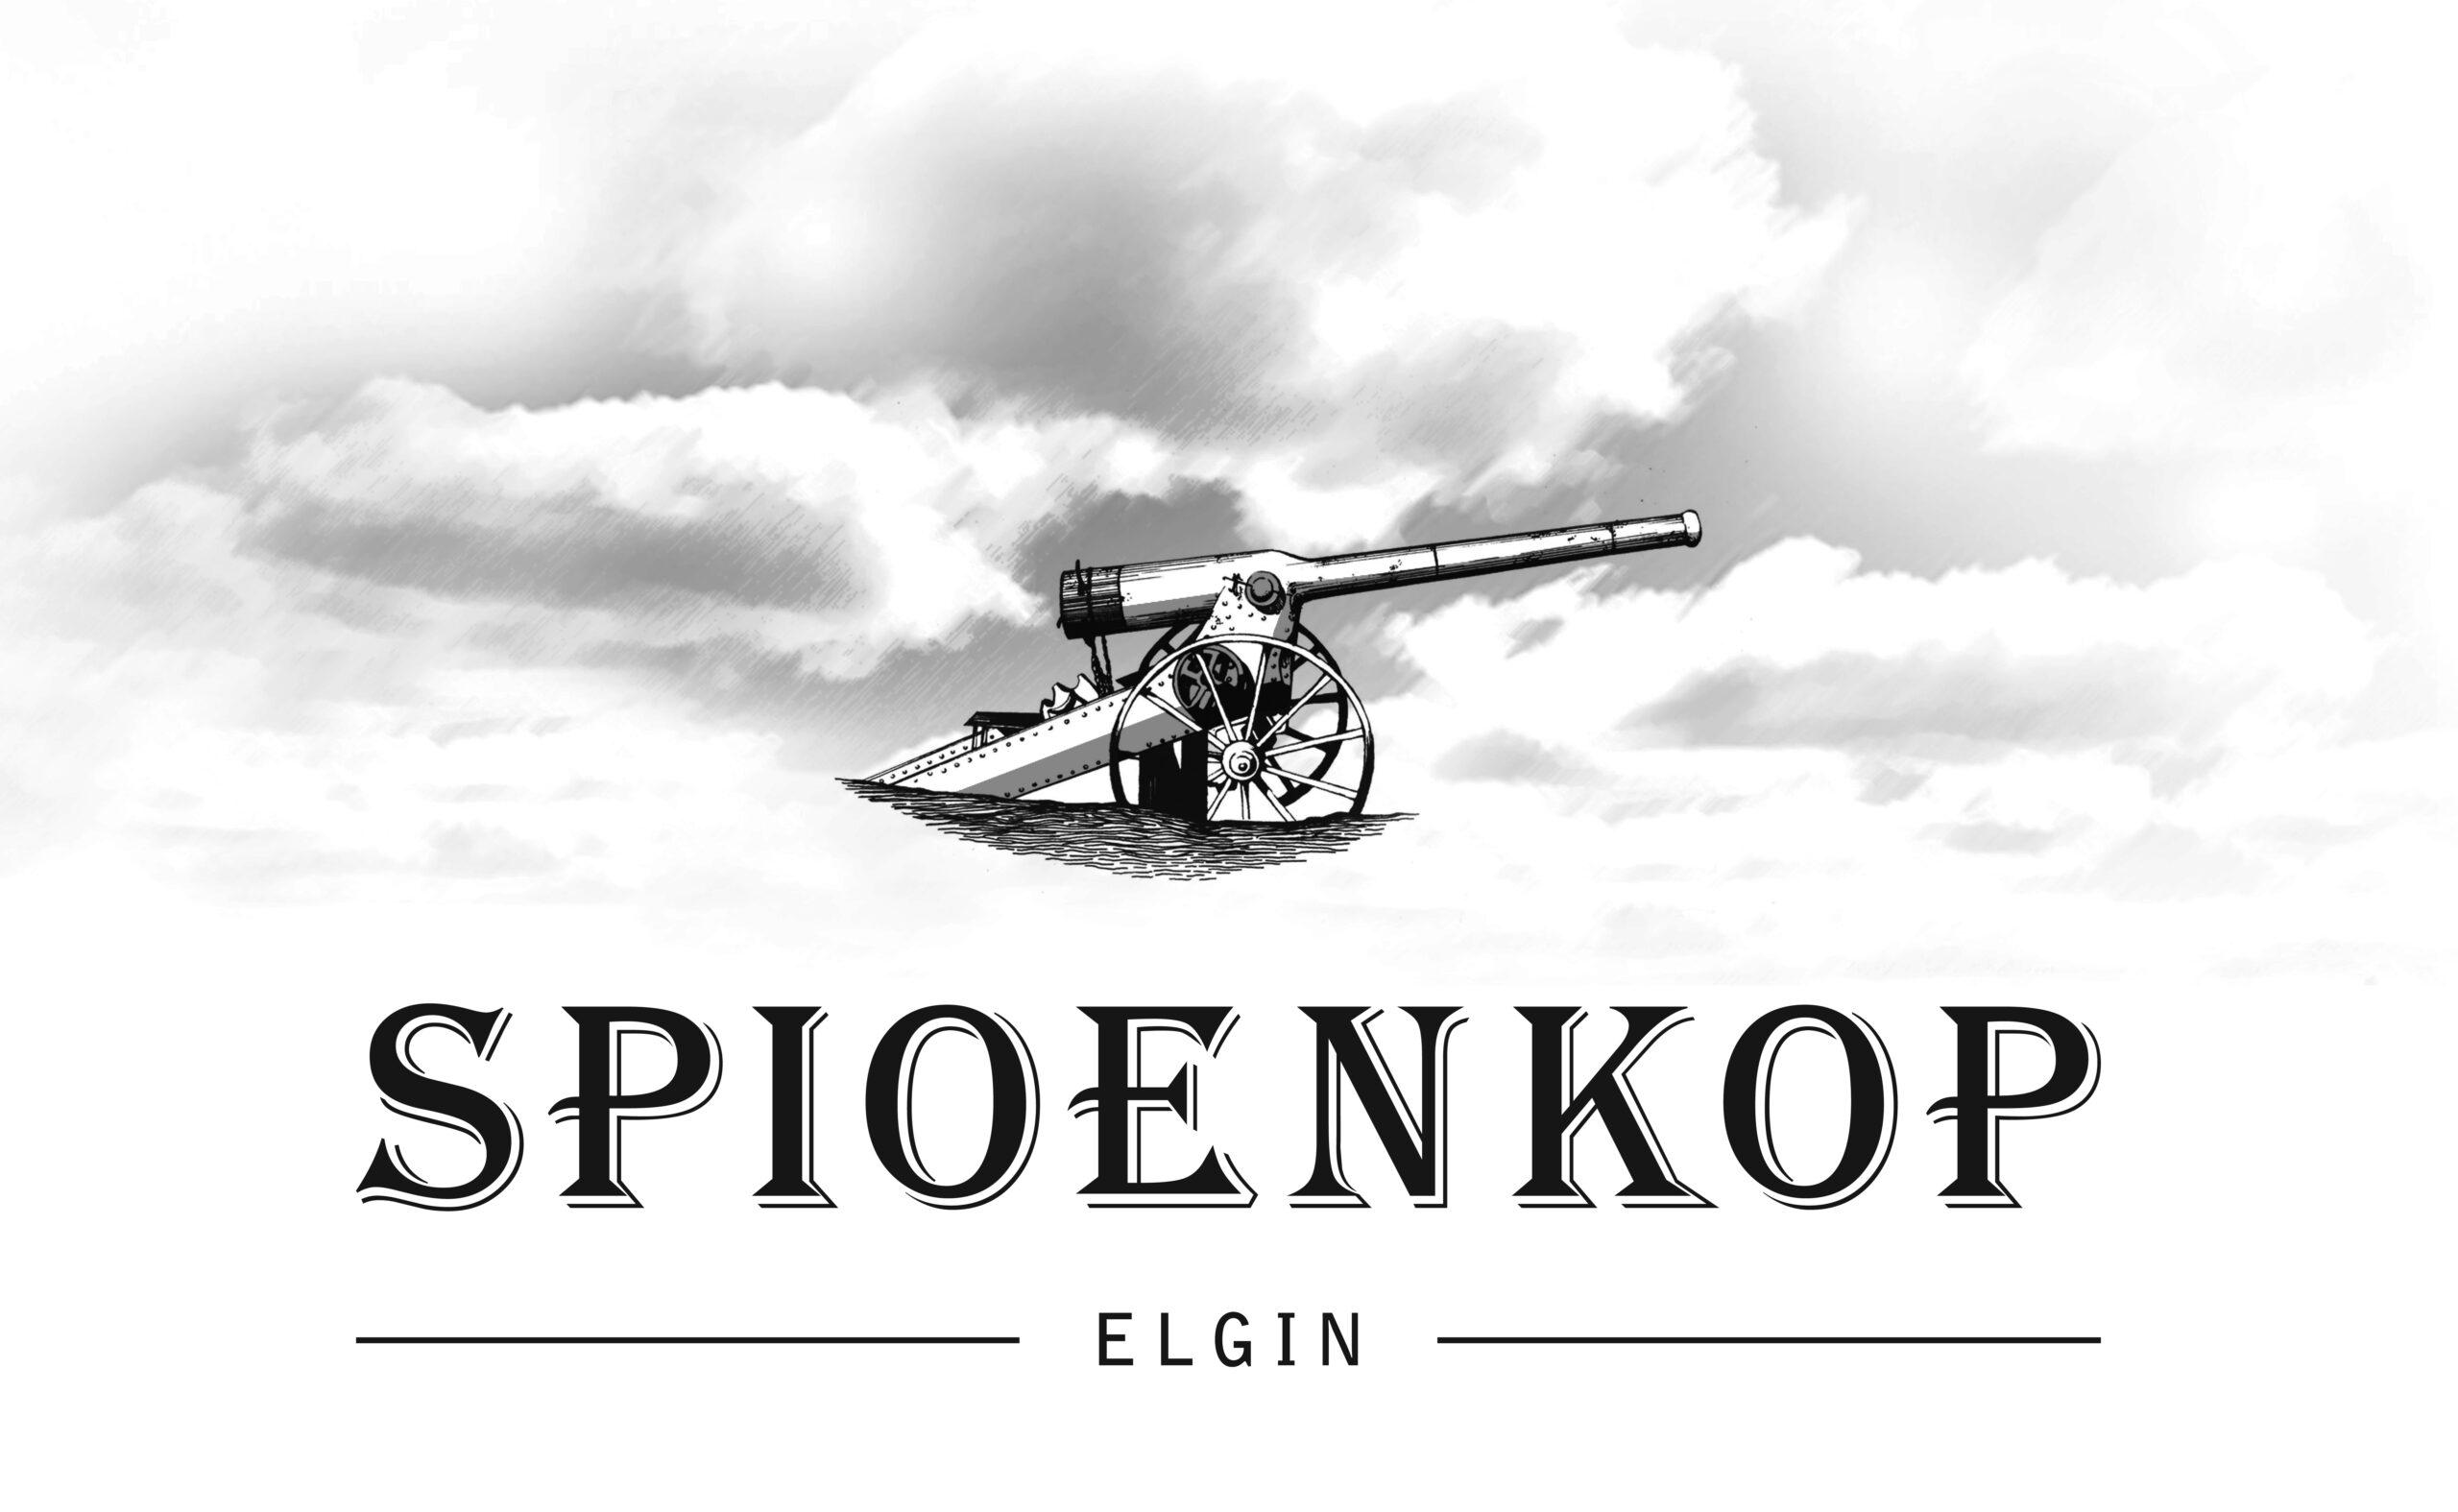 Spioenkop Logo extrabig grey clouds